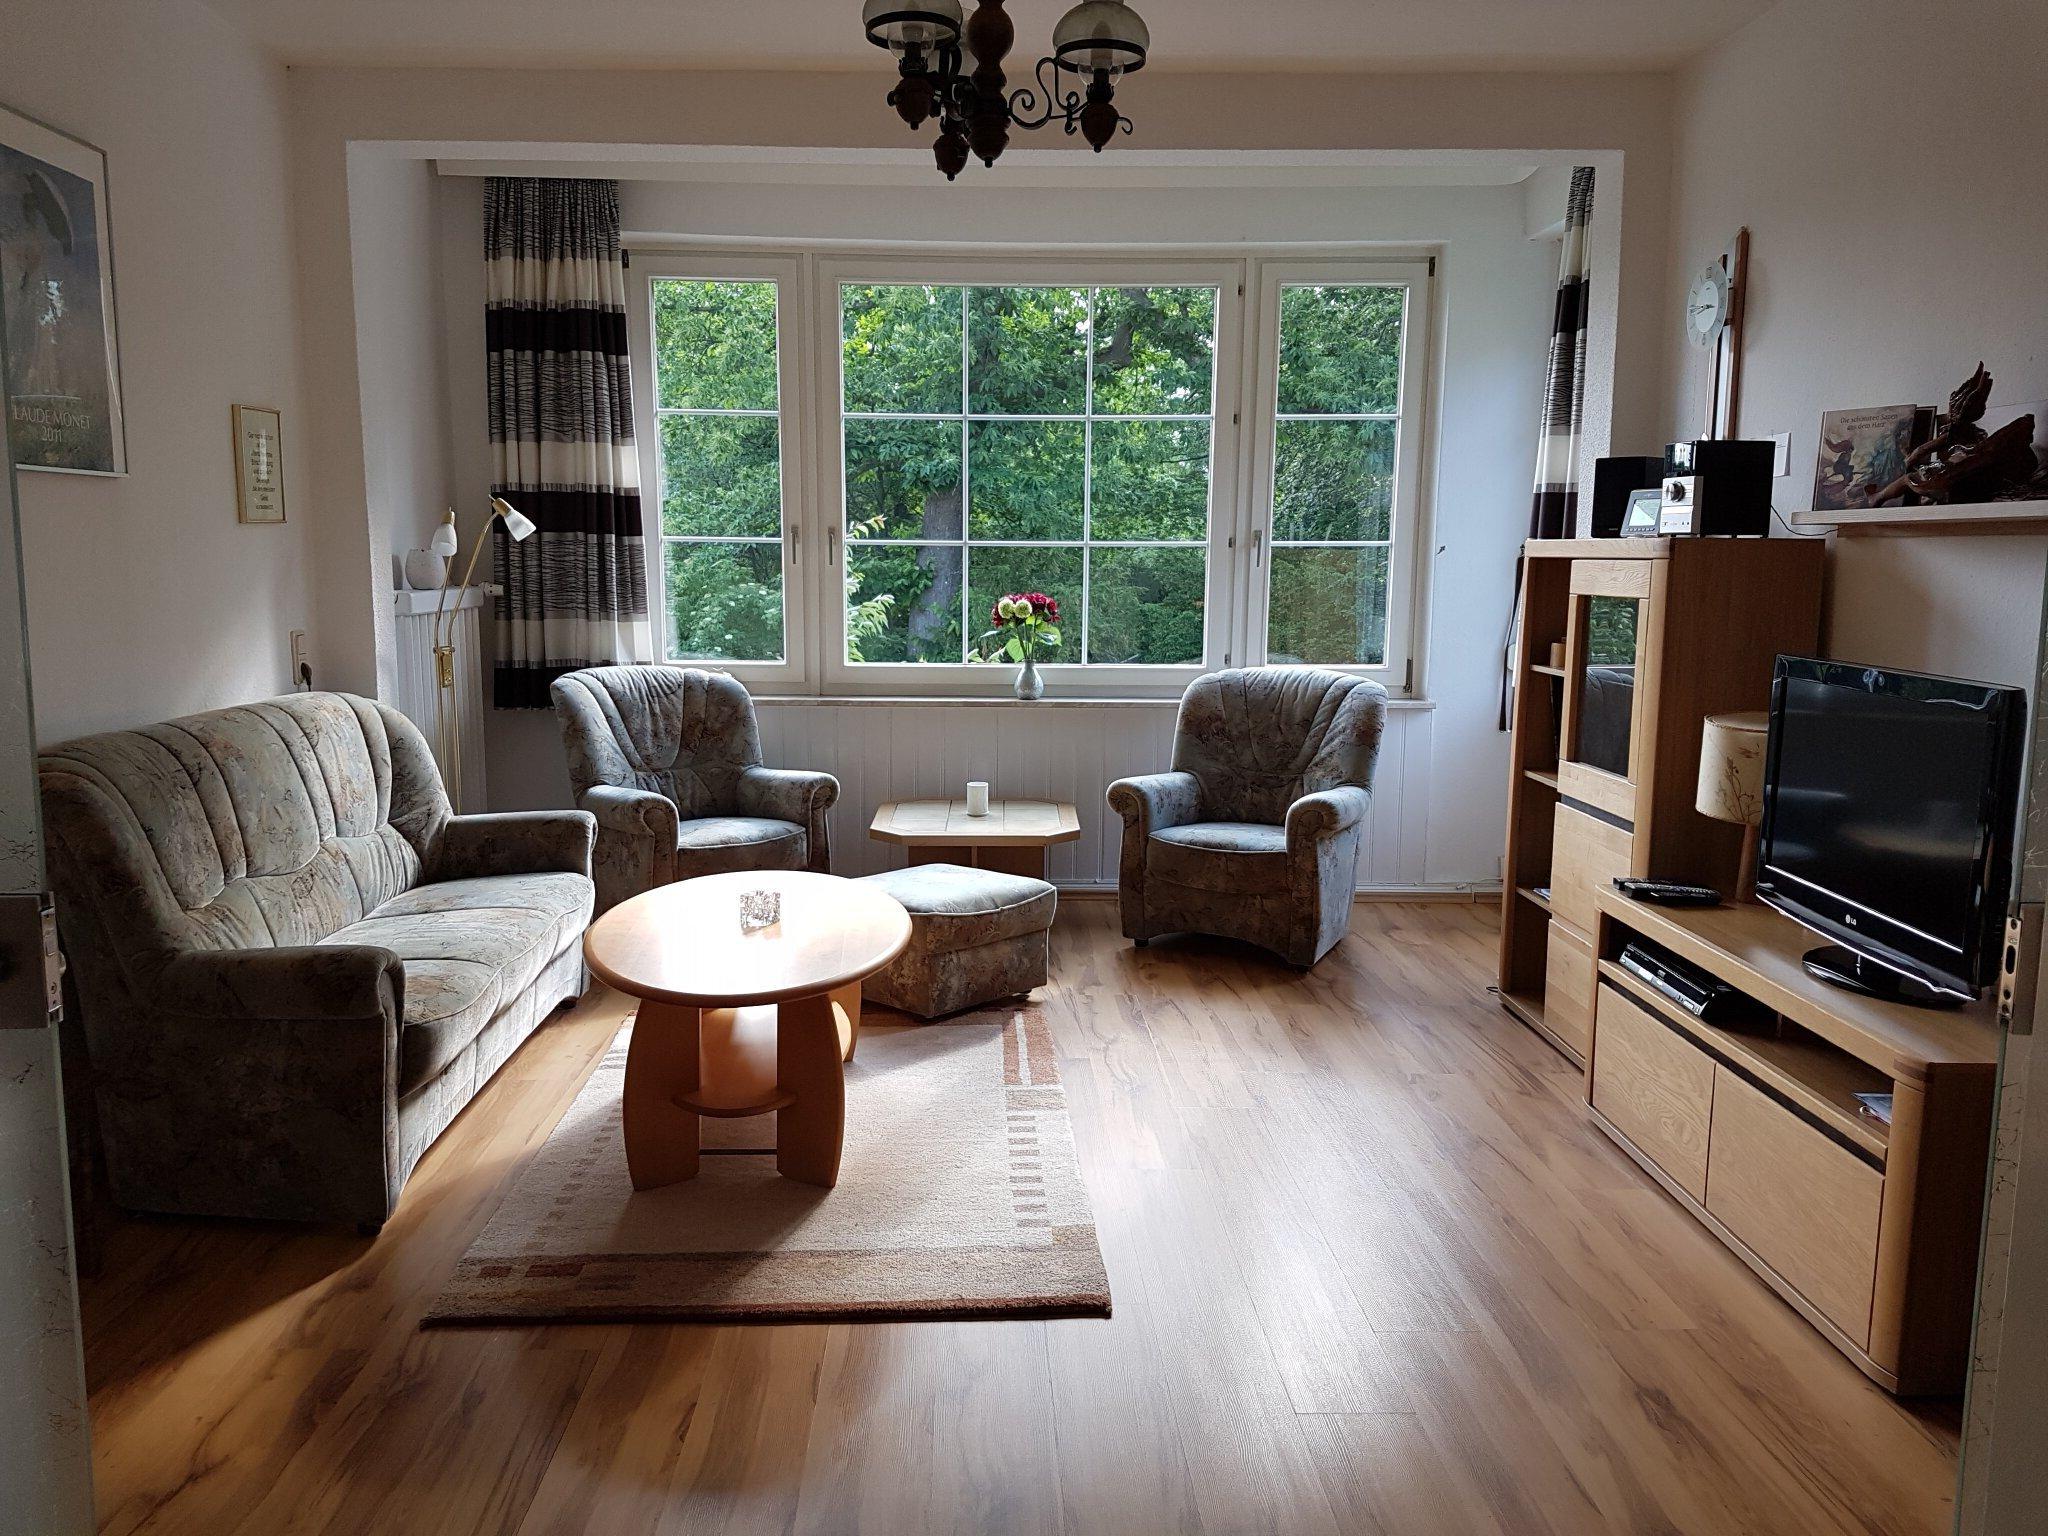 Glasschiebetür zwischen Wohn-/Eßzimmer